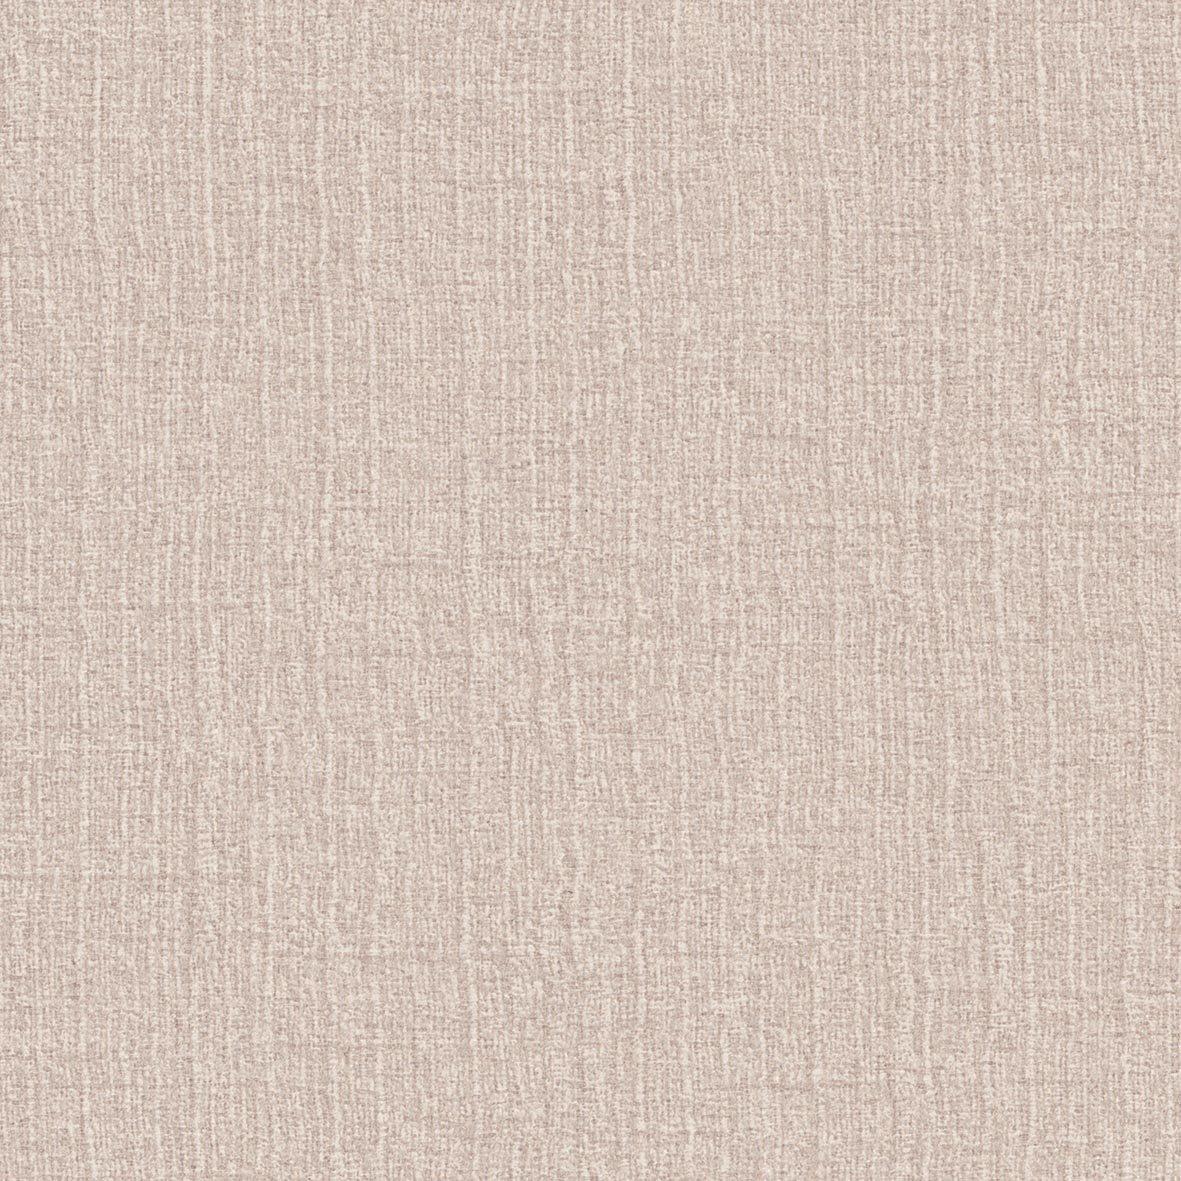 リリカラ 壁紙36m モダン 和紙調 ベージュ 撥水トップコートComfort Selection-消臭- LW-2066 B07612V81N 36m|ベージュ